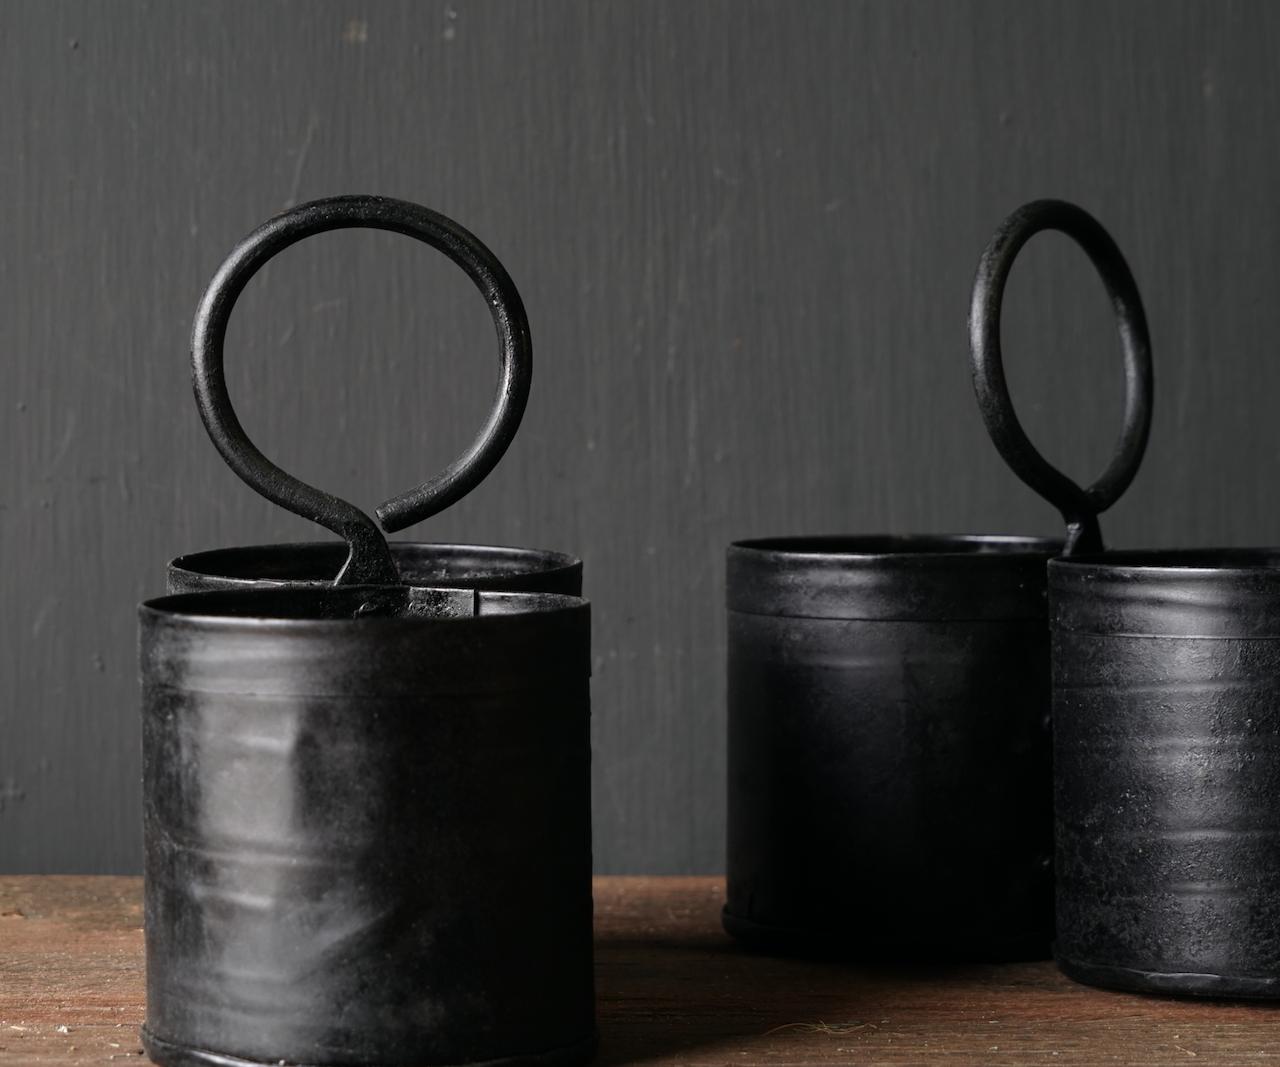 Black Iron Cups 2 zusammen mit Griff-4